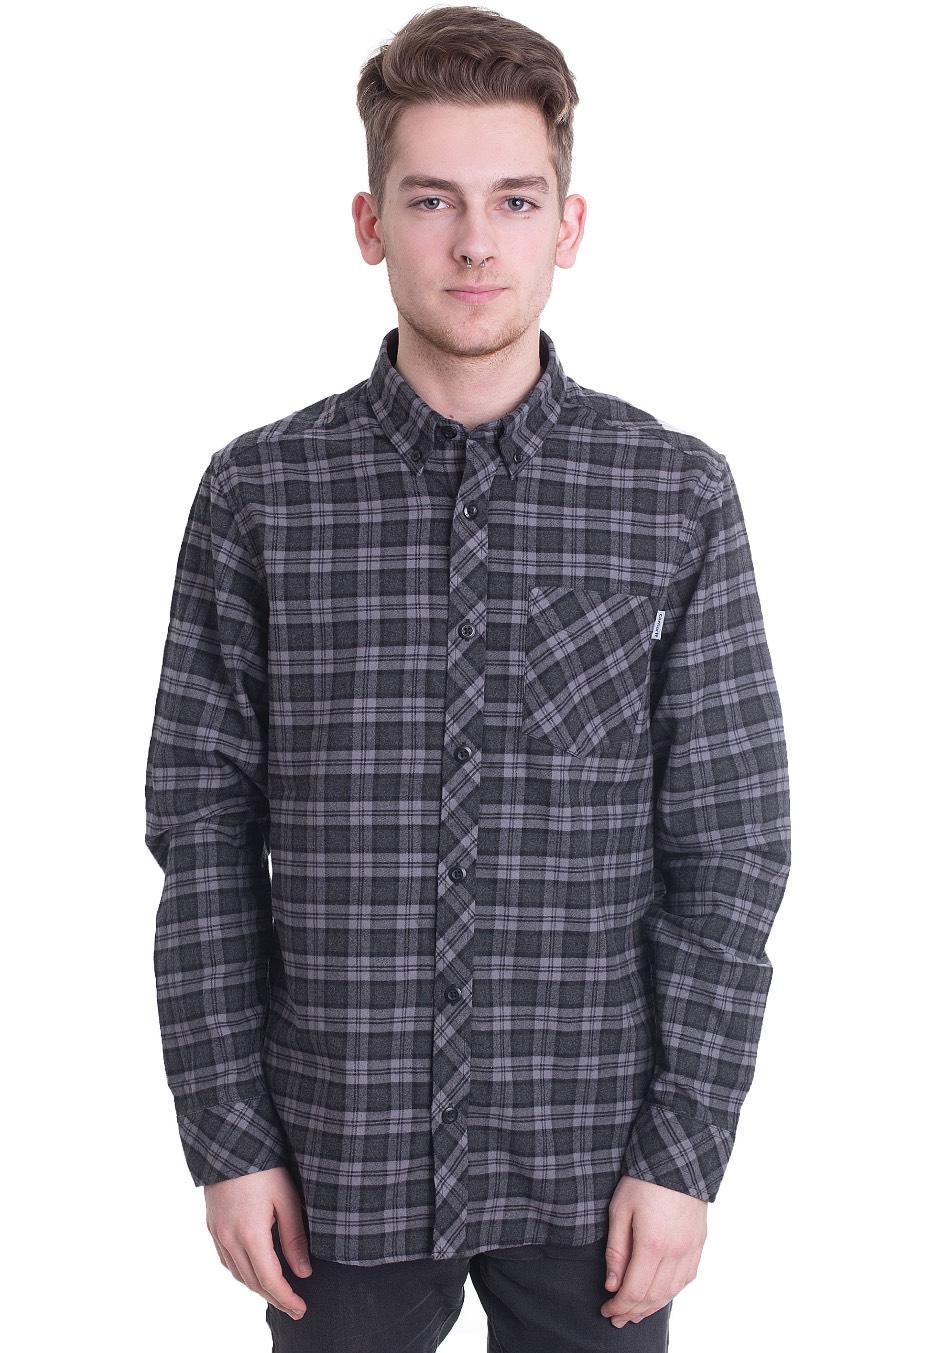 Carhartt WIP - Shawn L/S Shawn Check/Sparrow - Shirt